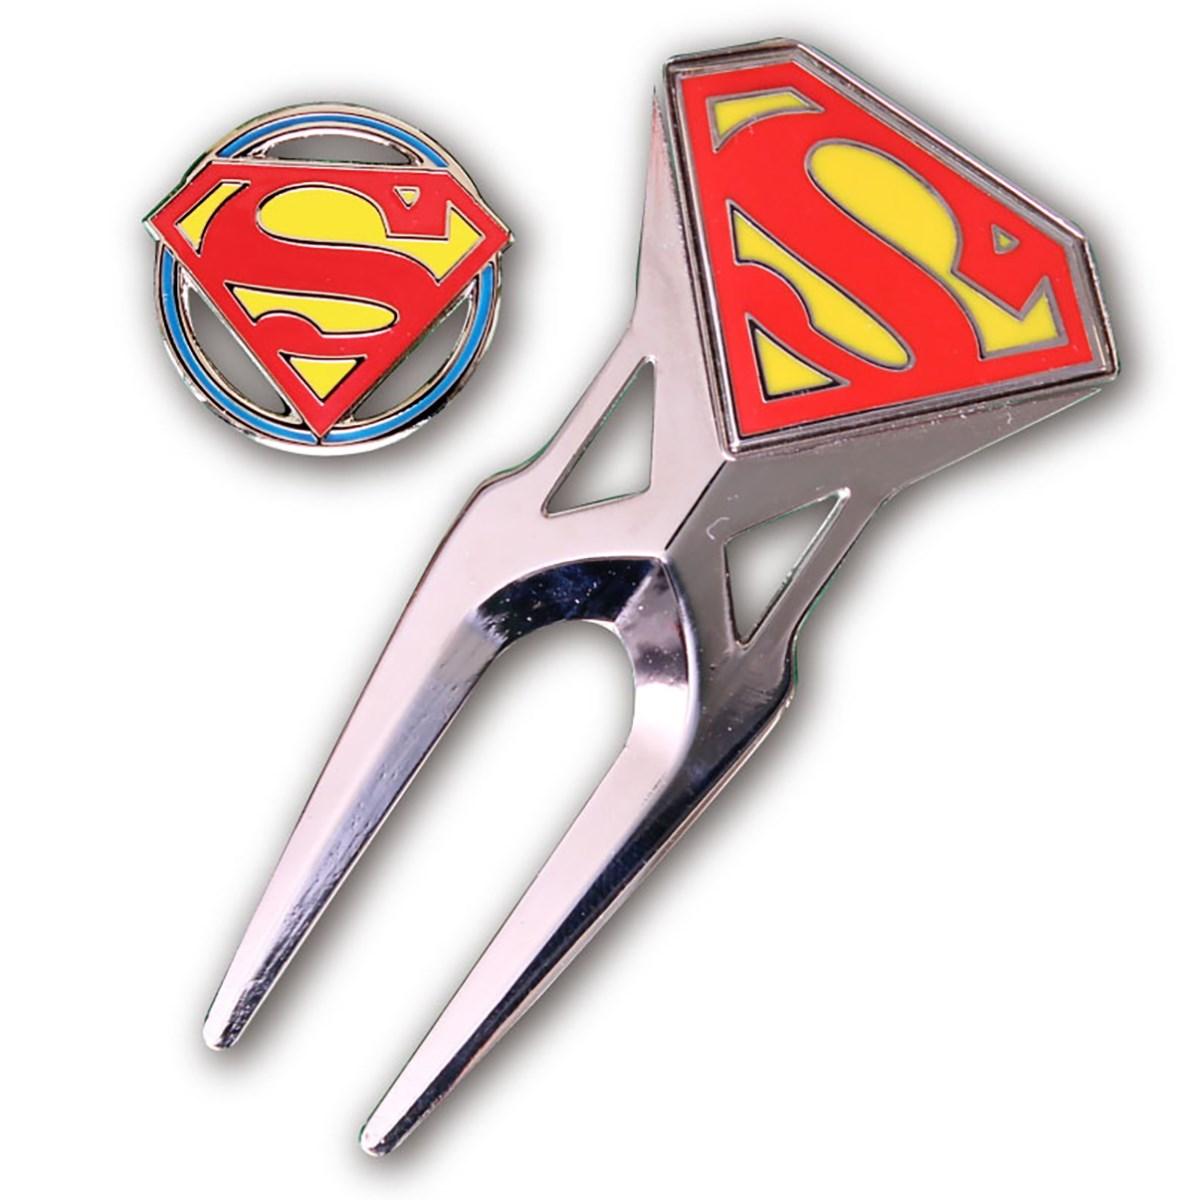 その他メーカー スーパーマン グリーンフォーク&マーカー